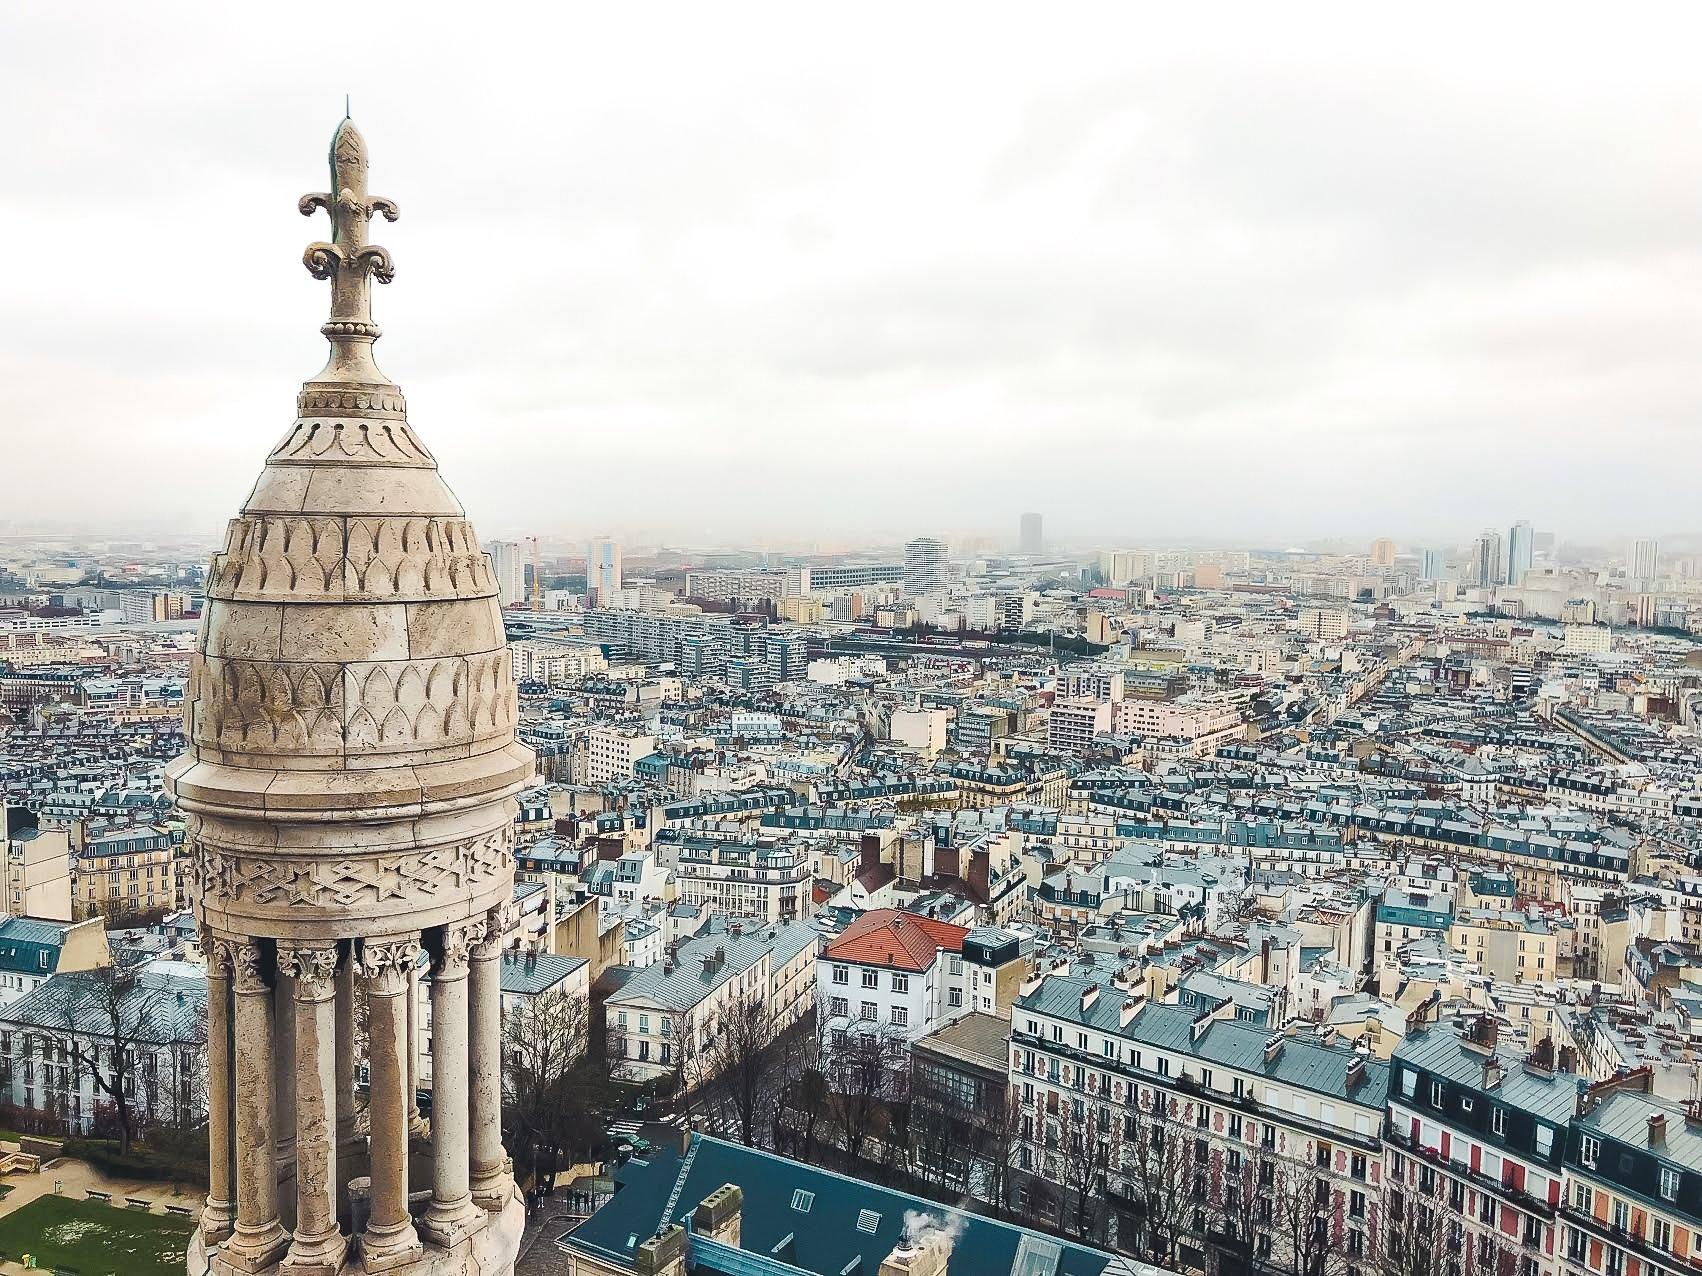 White dome of Sacré-Cœur Basilica and Parisian skyline